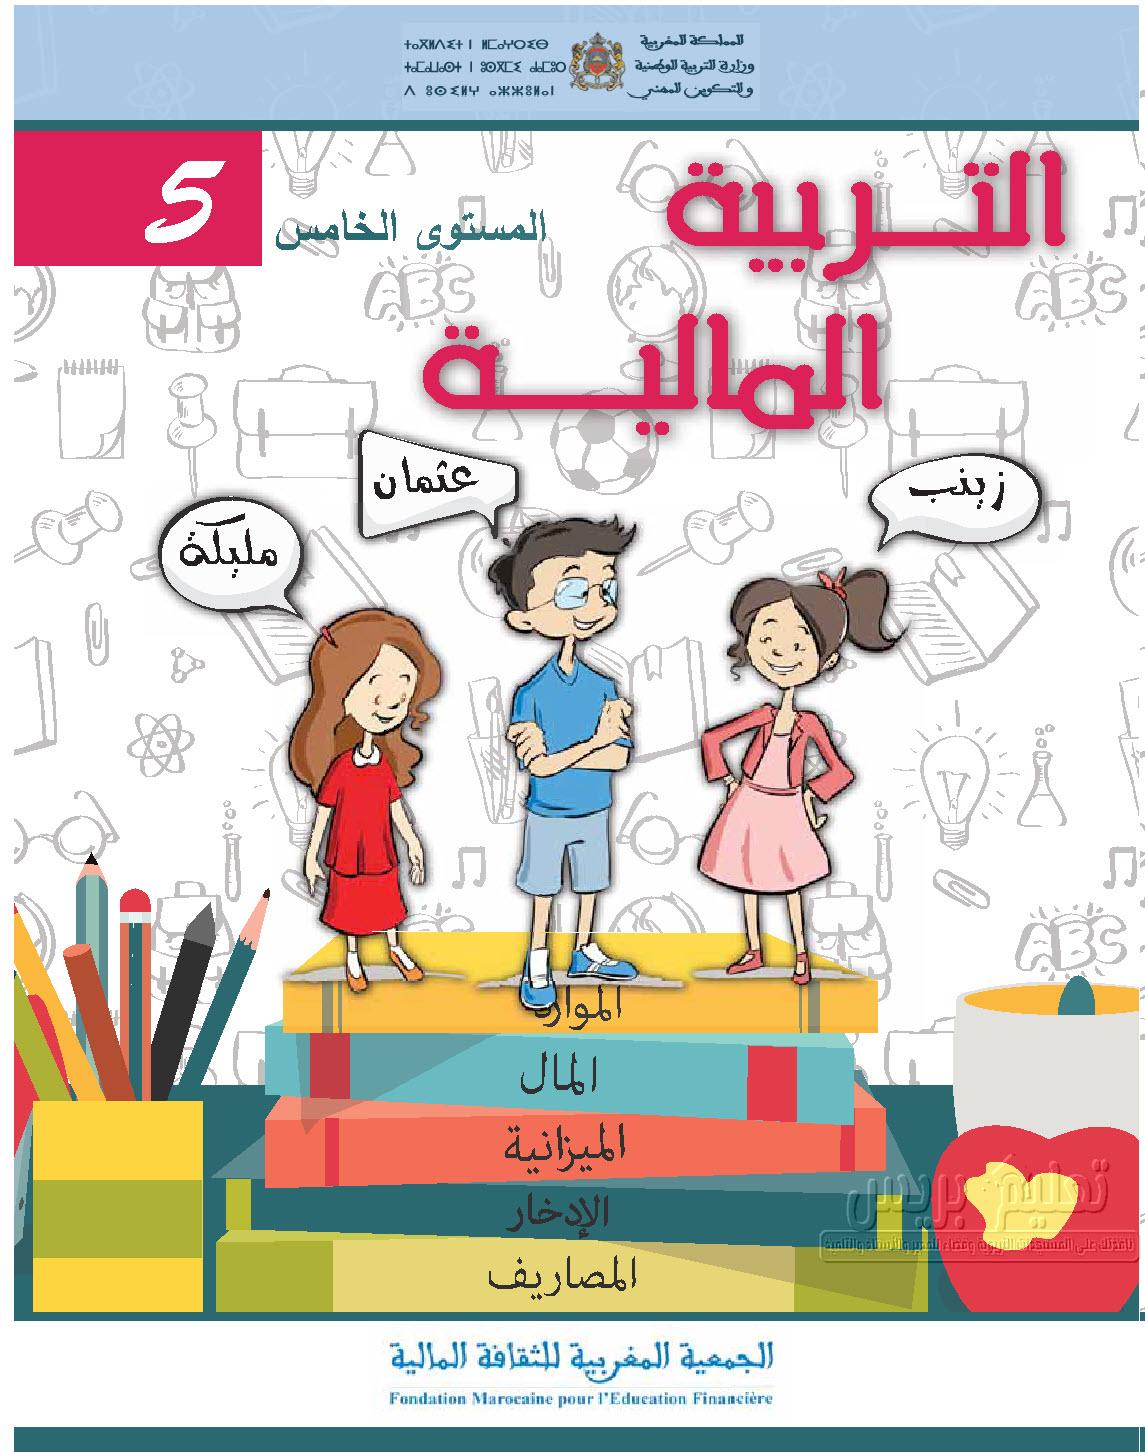 كتاب المتعلم التربية المالية للمستوى الخامس ابتدائي تنمية الكفايات الاجتماعية والذاتية